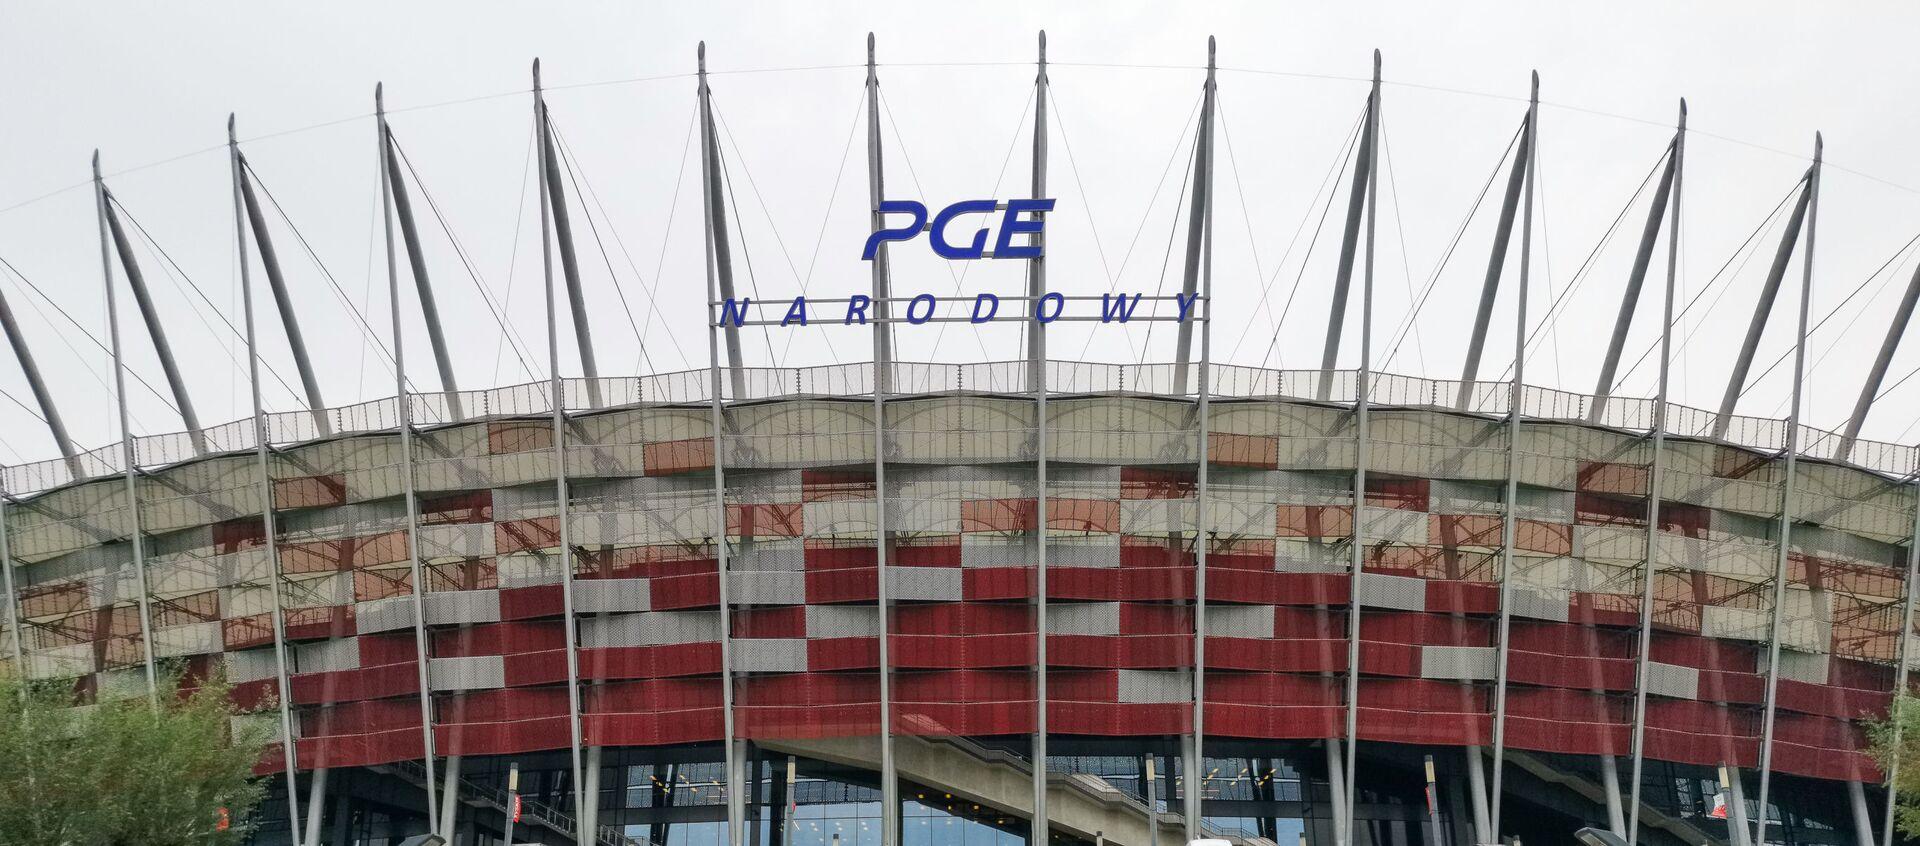 Stadion Narodowy w Warszawie - Sputnik Polska, 1920, 18.05.2021